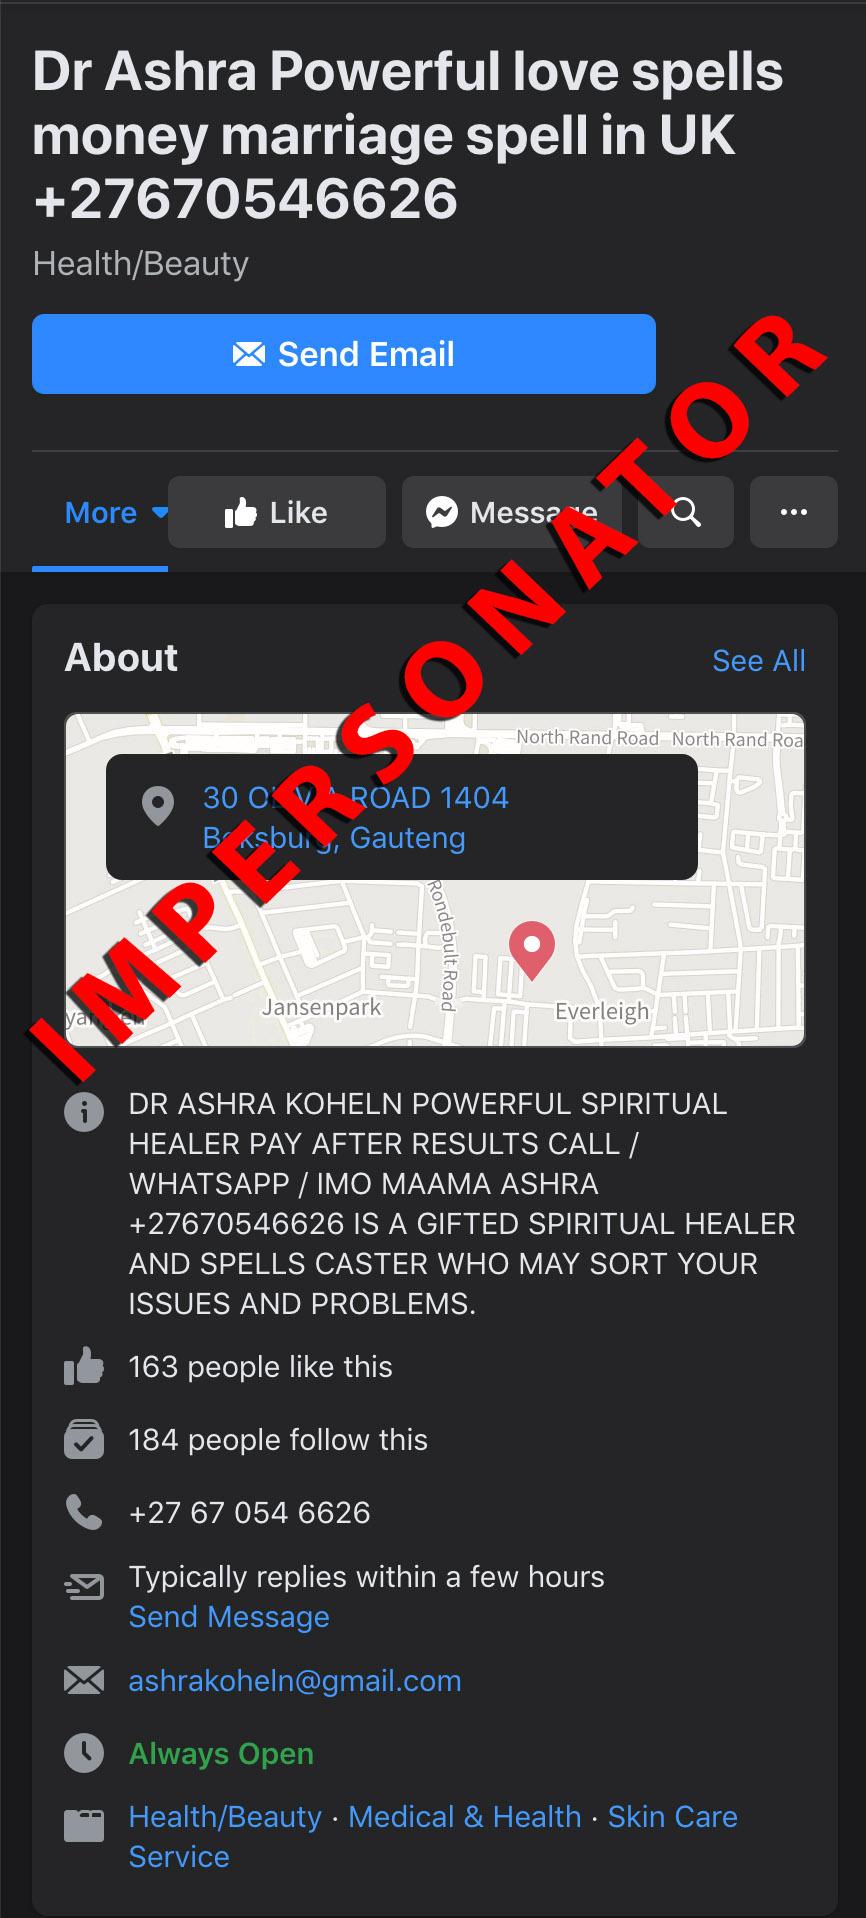 dr-ashra-koehn-facebook-impersonator.jpg